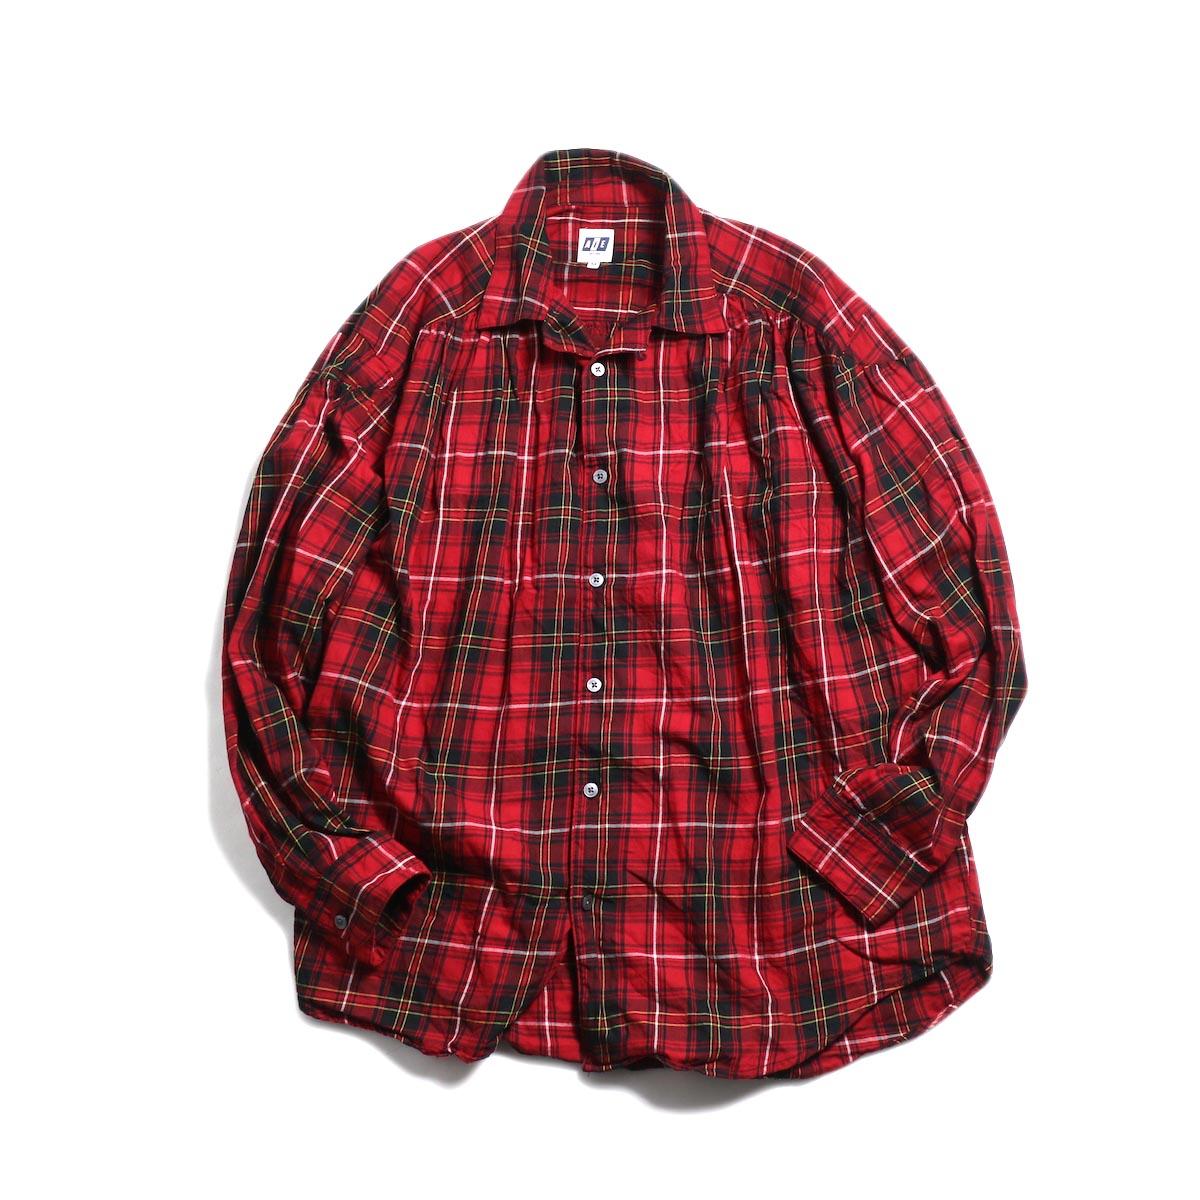 AiE / Painter Shirt -Cotton Tartan Check (Red)